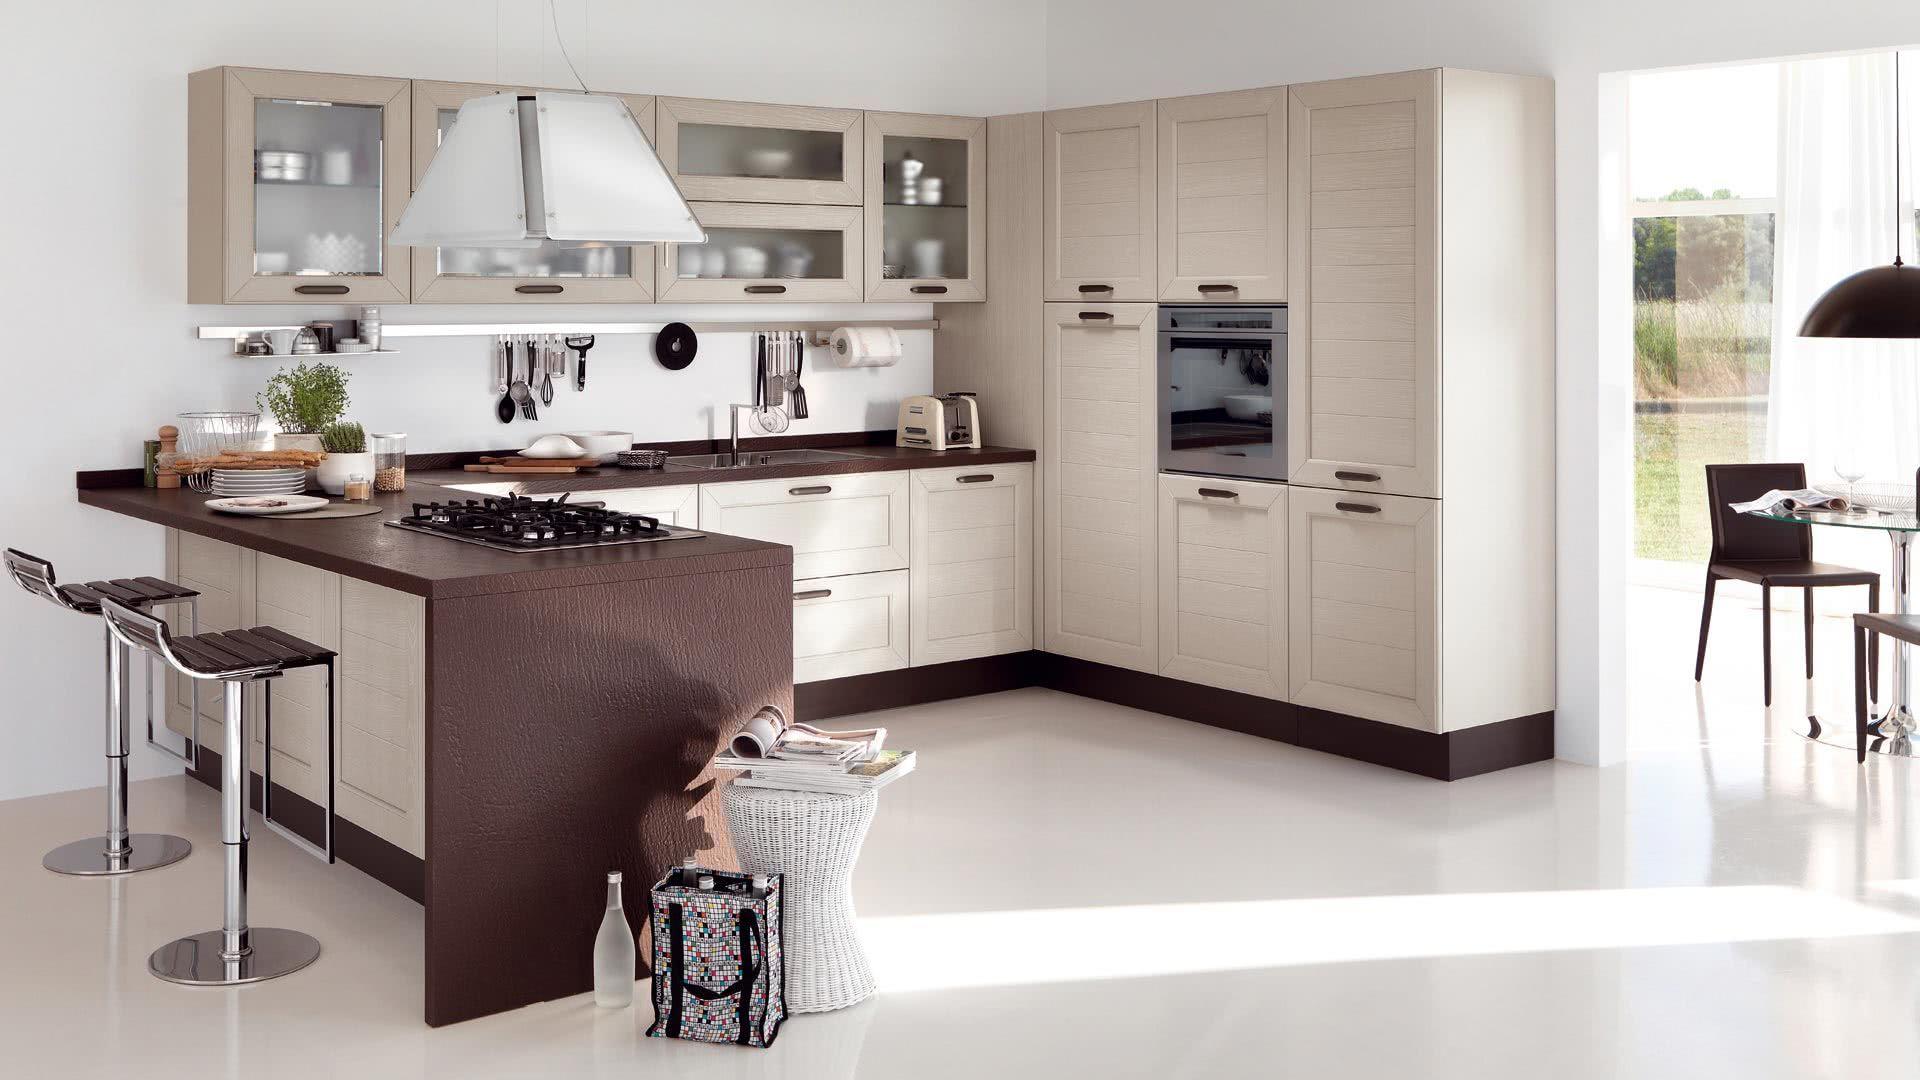 Claudia 03 Stile Cucina Arredo Interni Cucina Decorazione Cucina